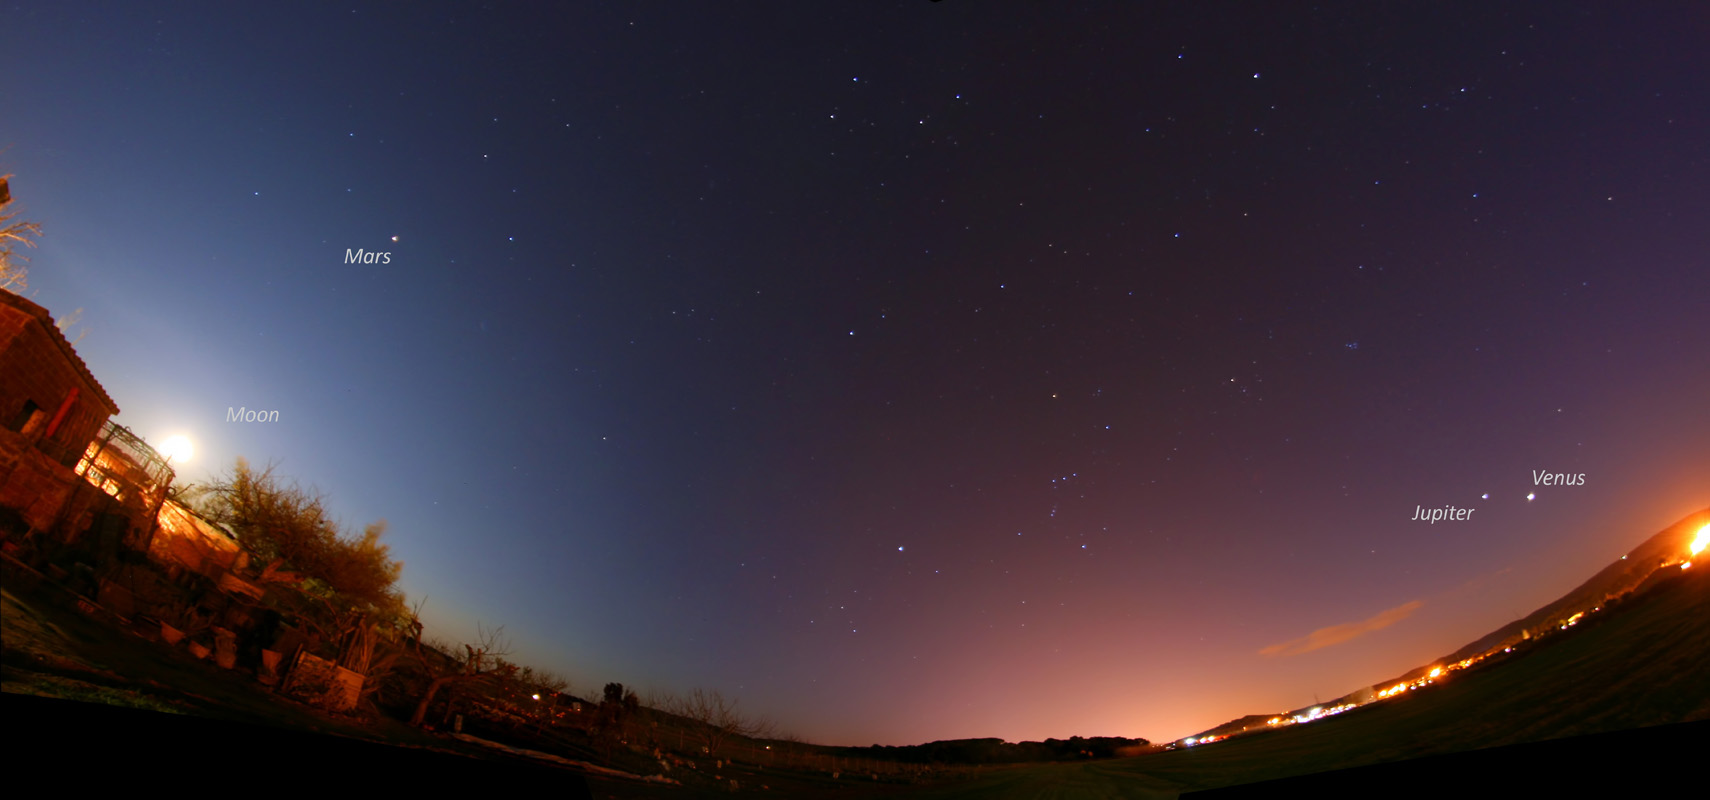 Panoràmica amb la lluna, mart, júpiter i venus